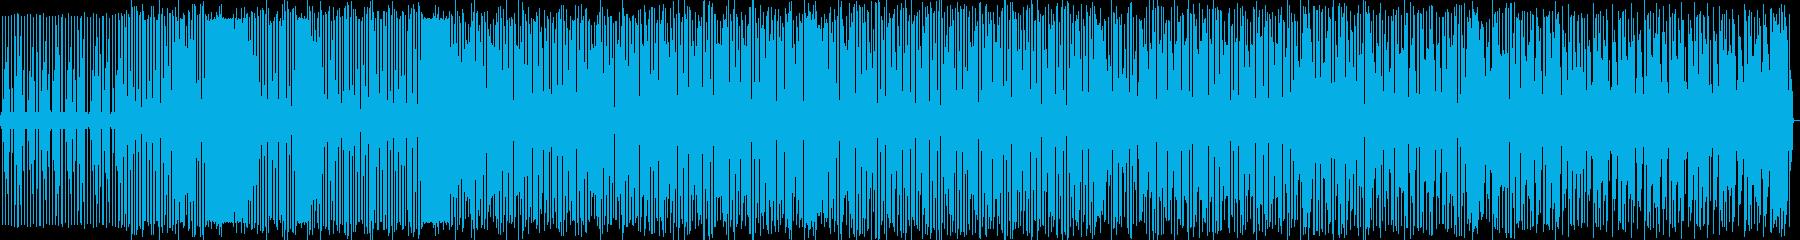 機械的またはロボットの不完全性、張...の再生済みの波形